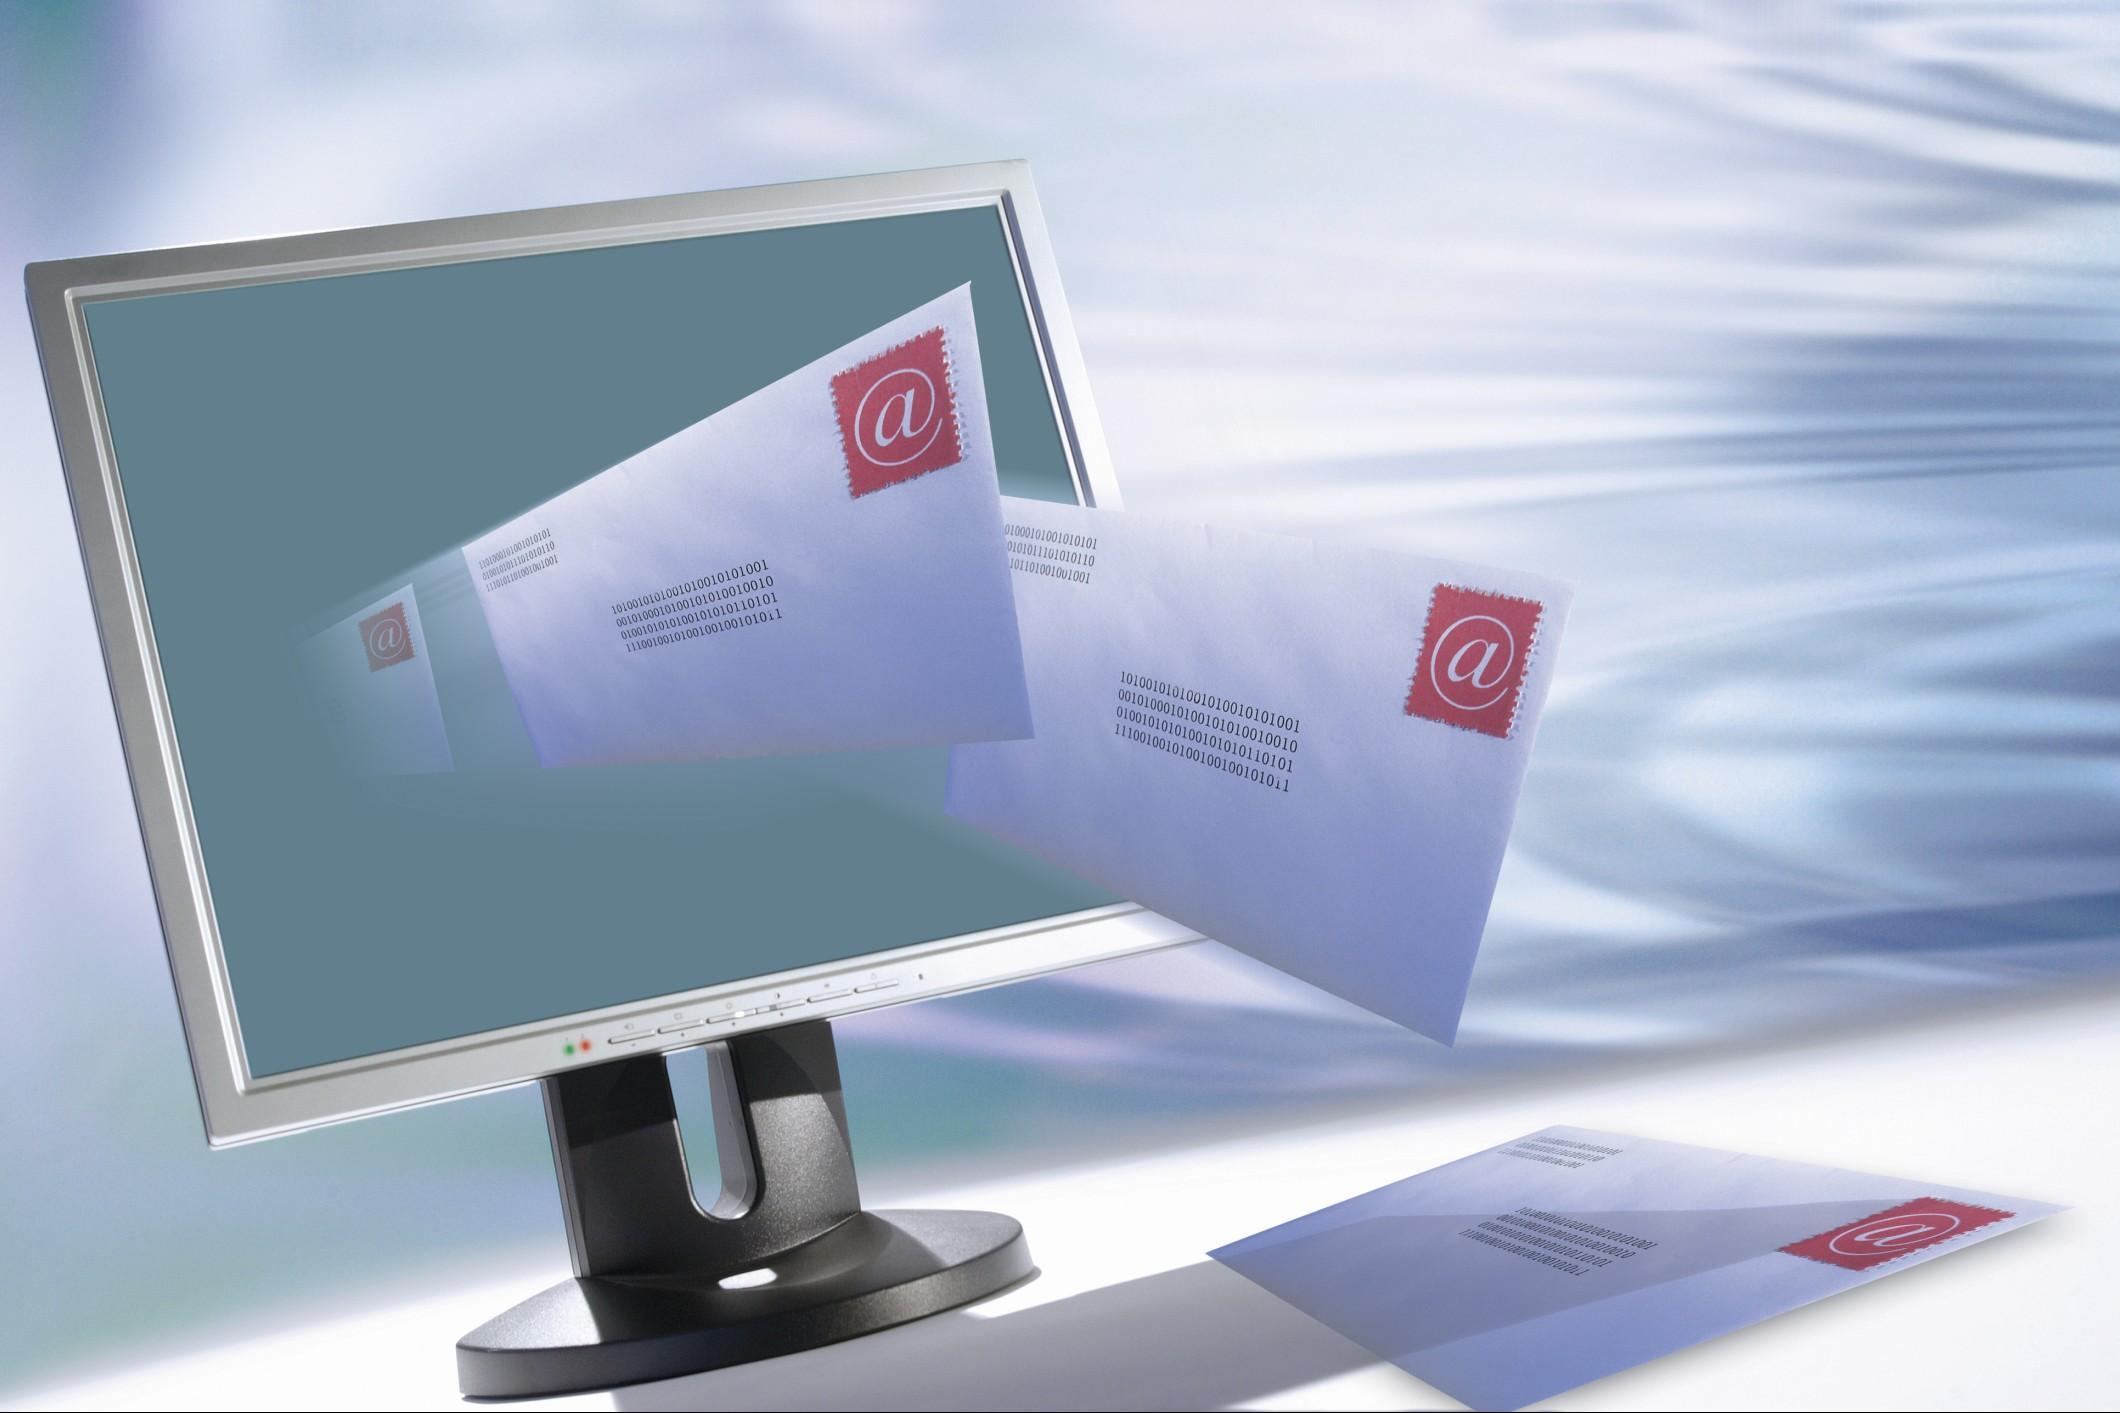 Representación de cartas saliendo de la pantalla